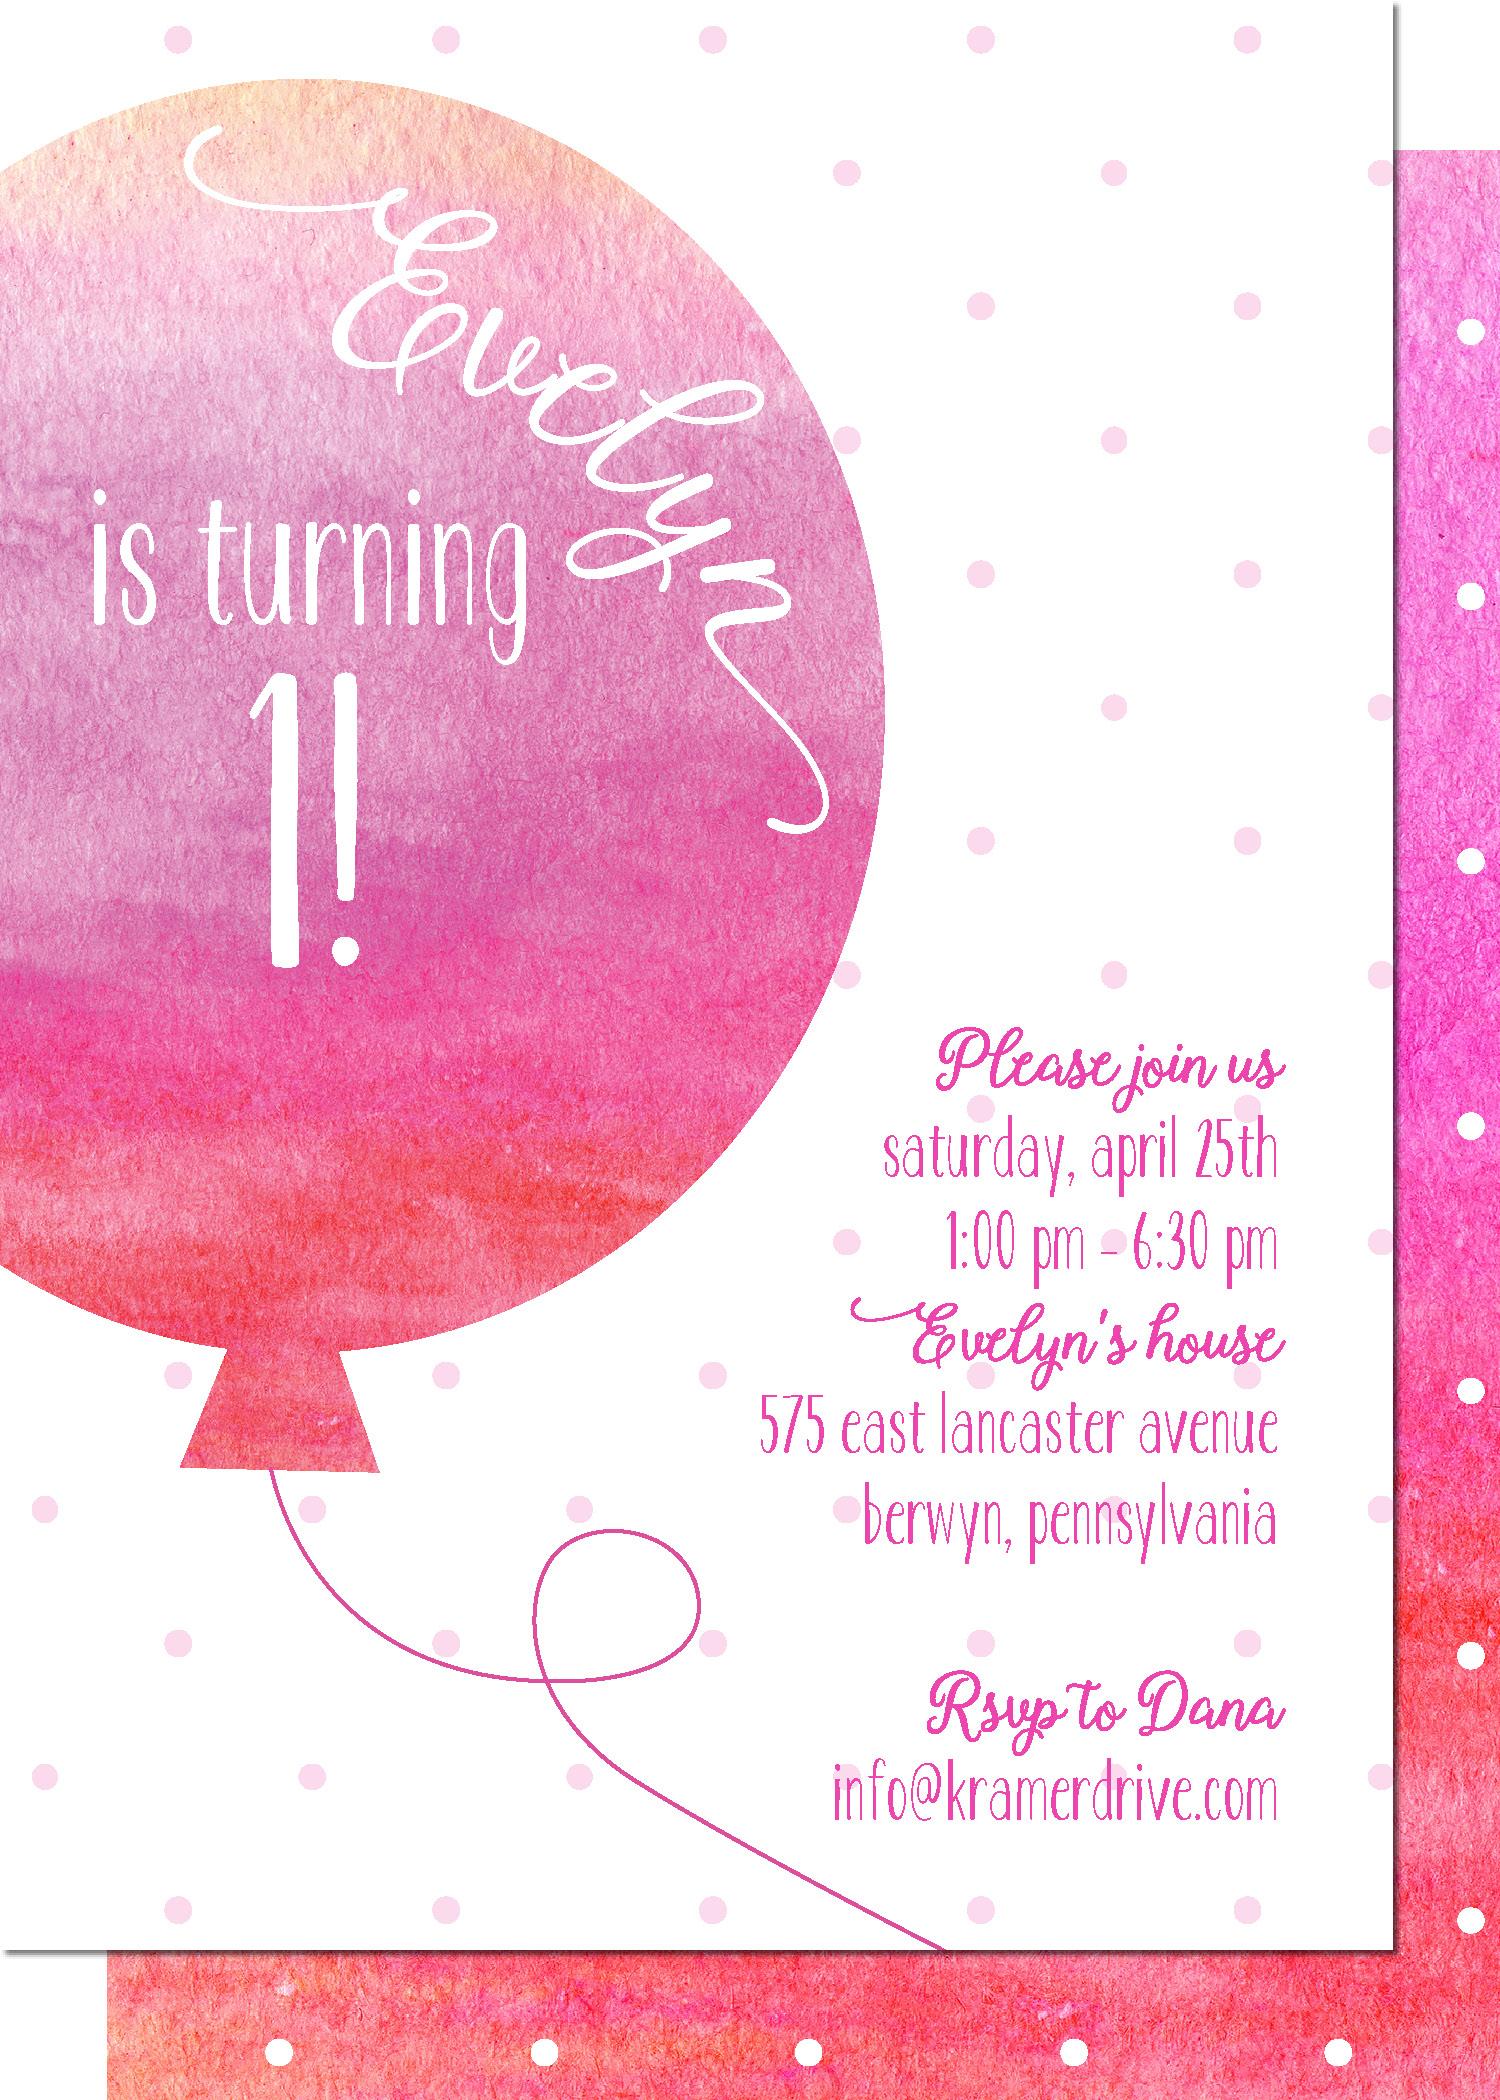 KD3124IN-PB Birthday Balloon